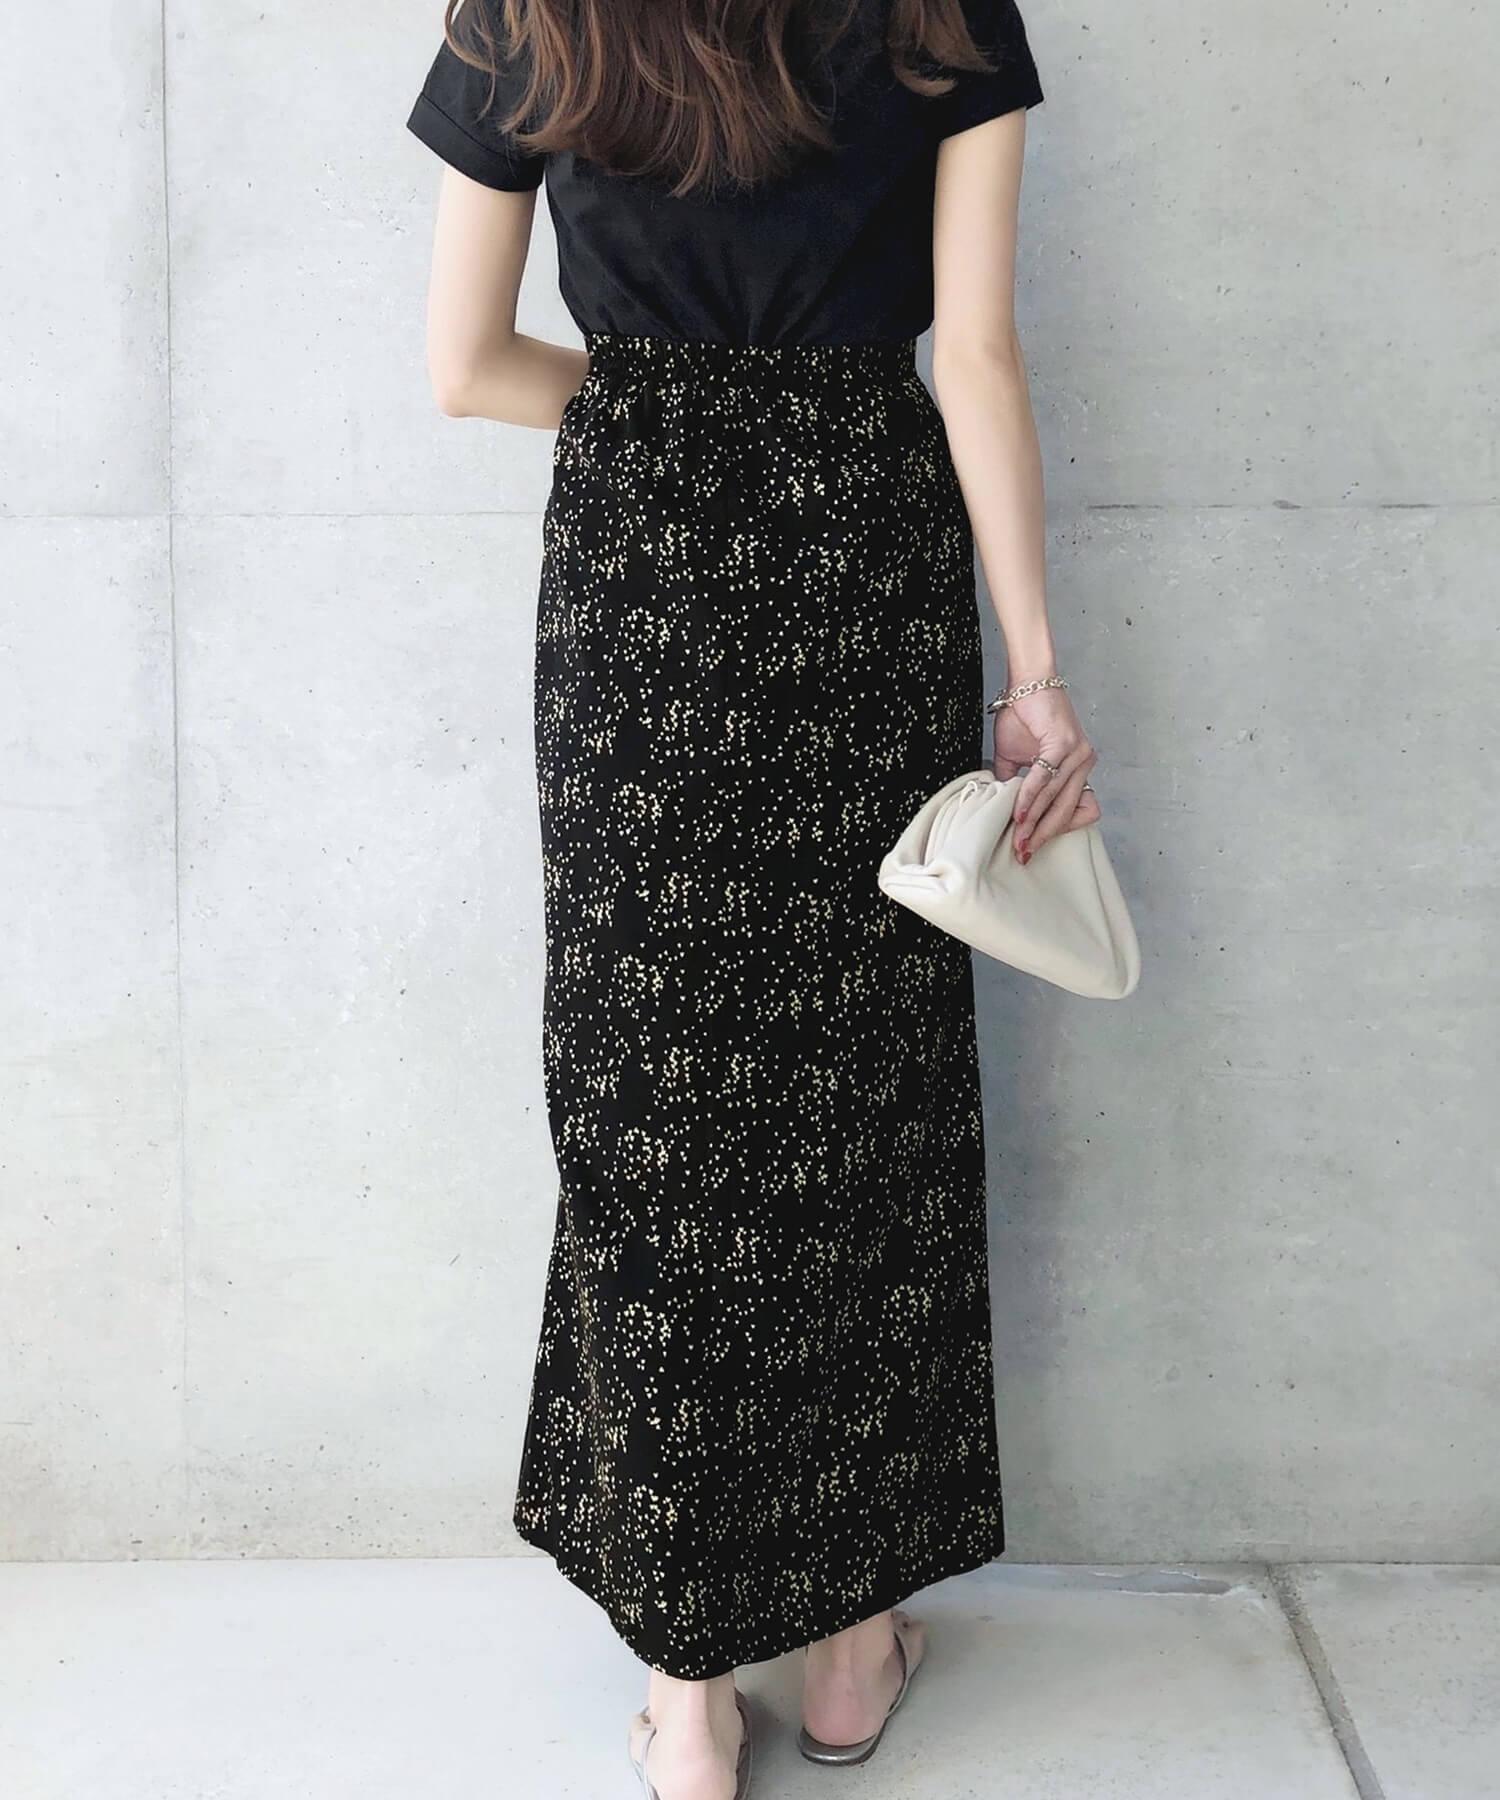 ロング マーメイドスカート 2タイプ パターン